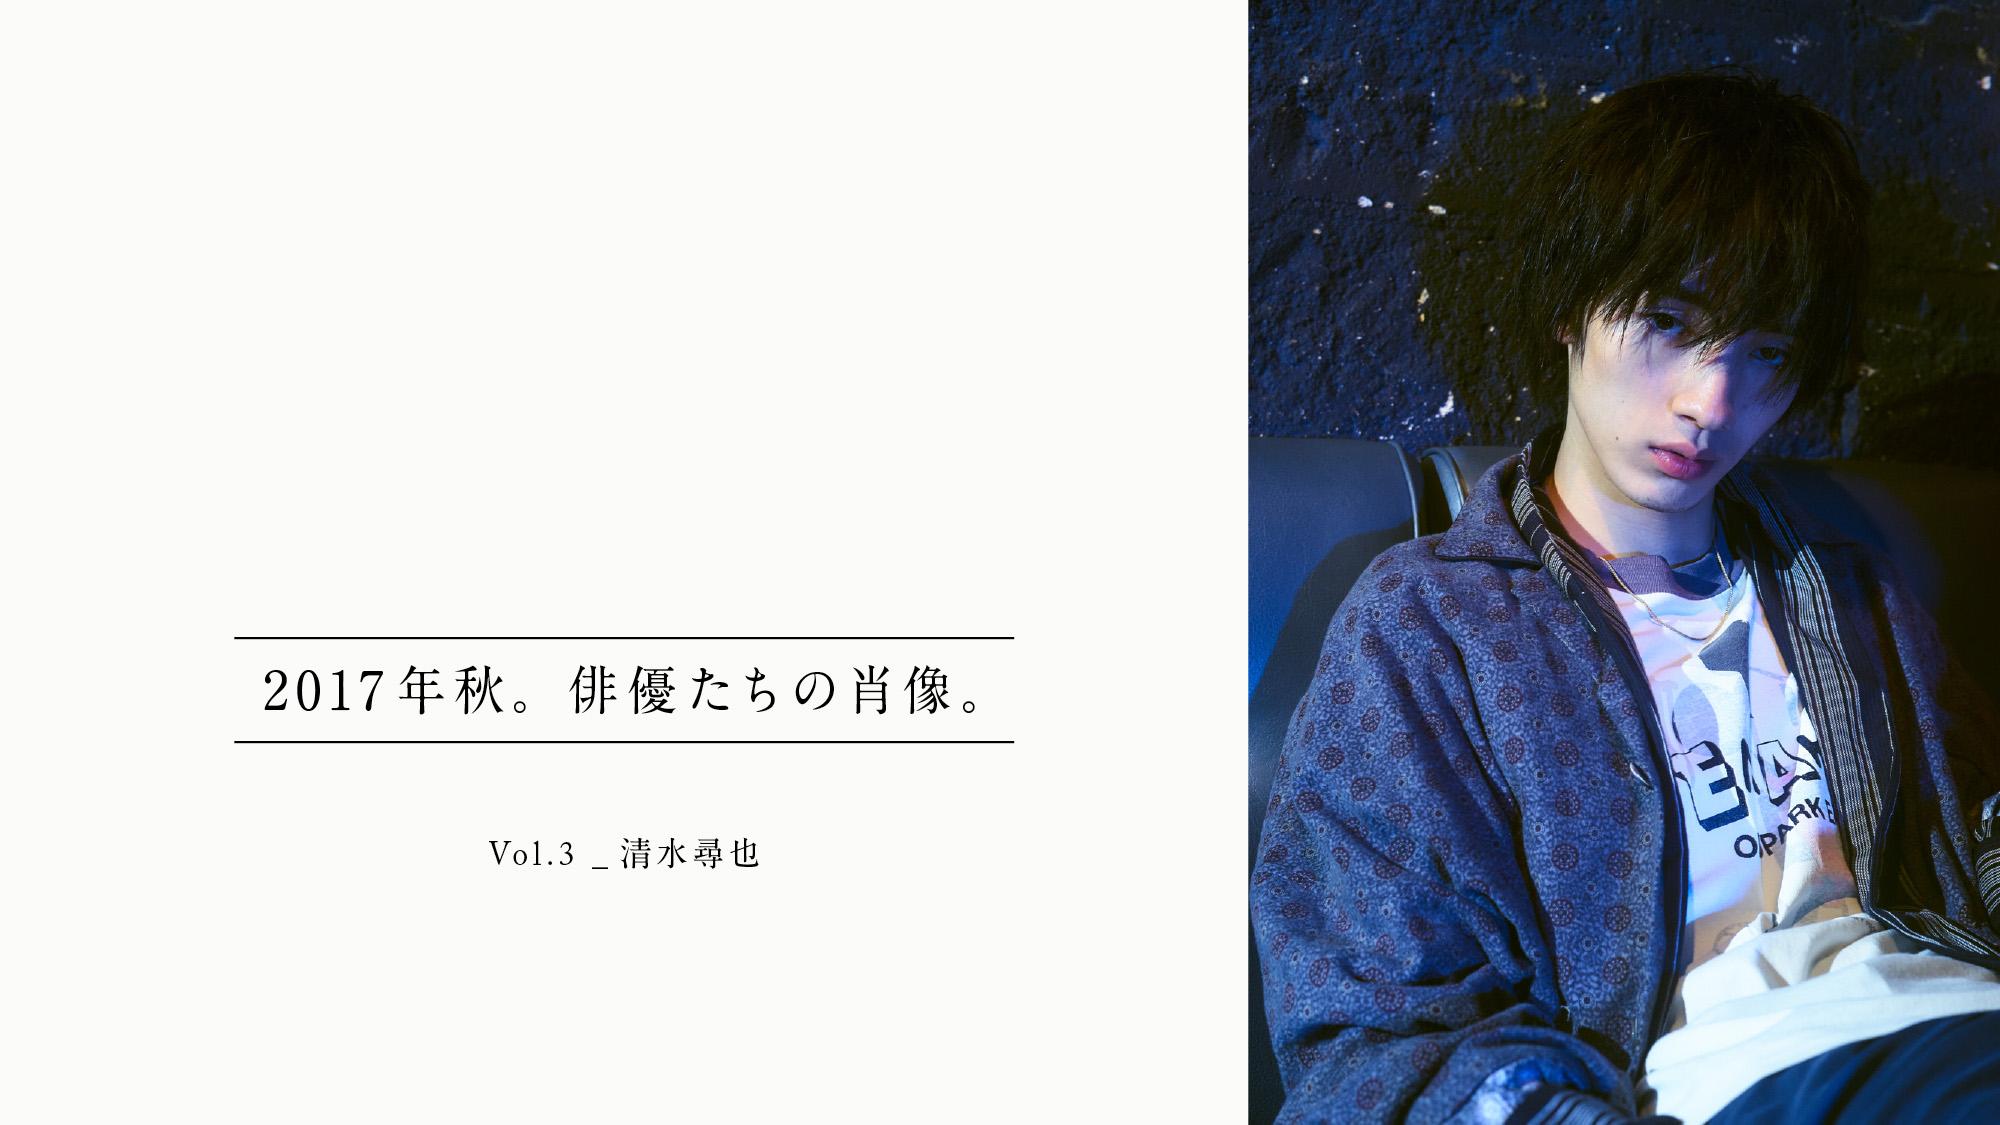 haiyu_shimizu_Brand_1200_675_3